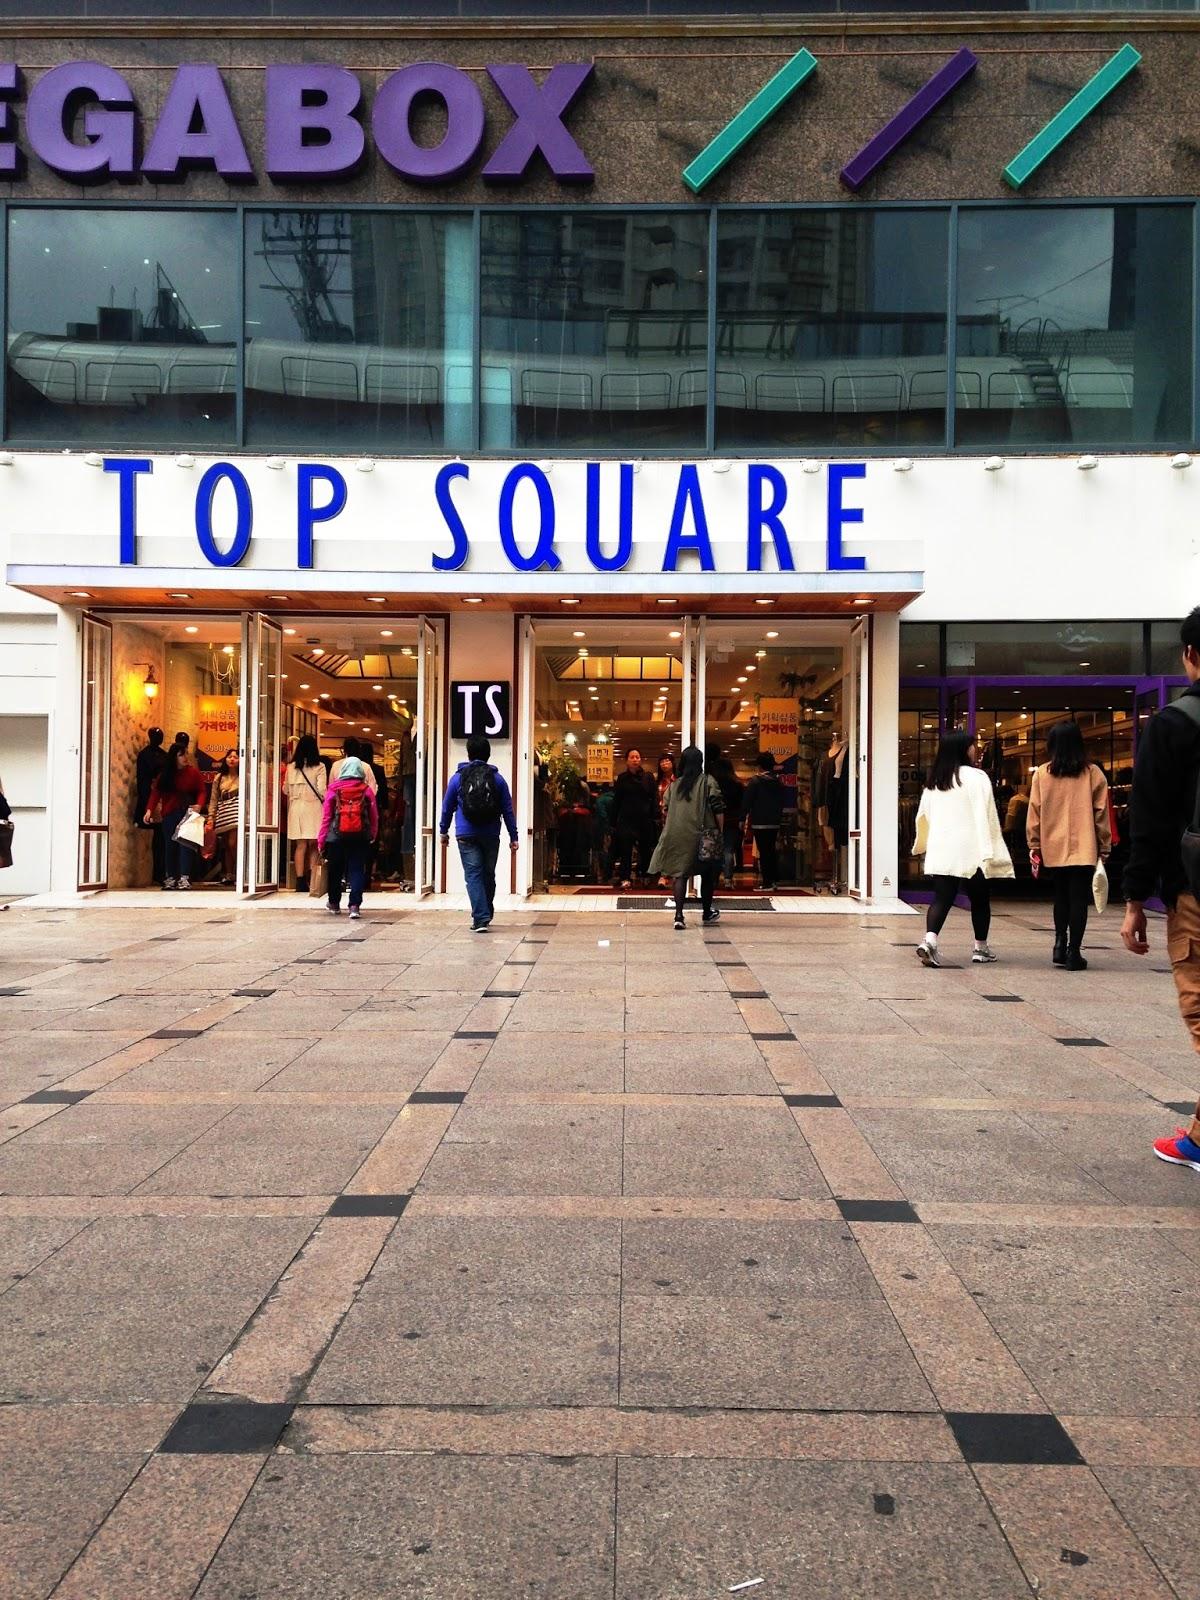 Di sini terdapat banyak barangan pakaian yang mengikut trend masyarakat korea pada masa kini Dan ramai golongan muda yang gemar untuk shopping di sini